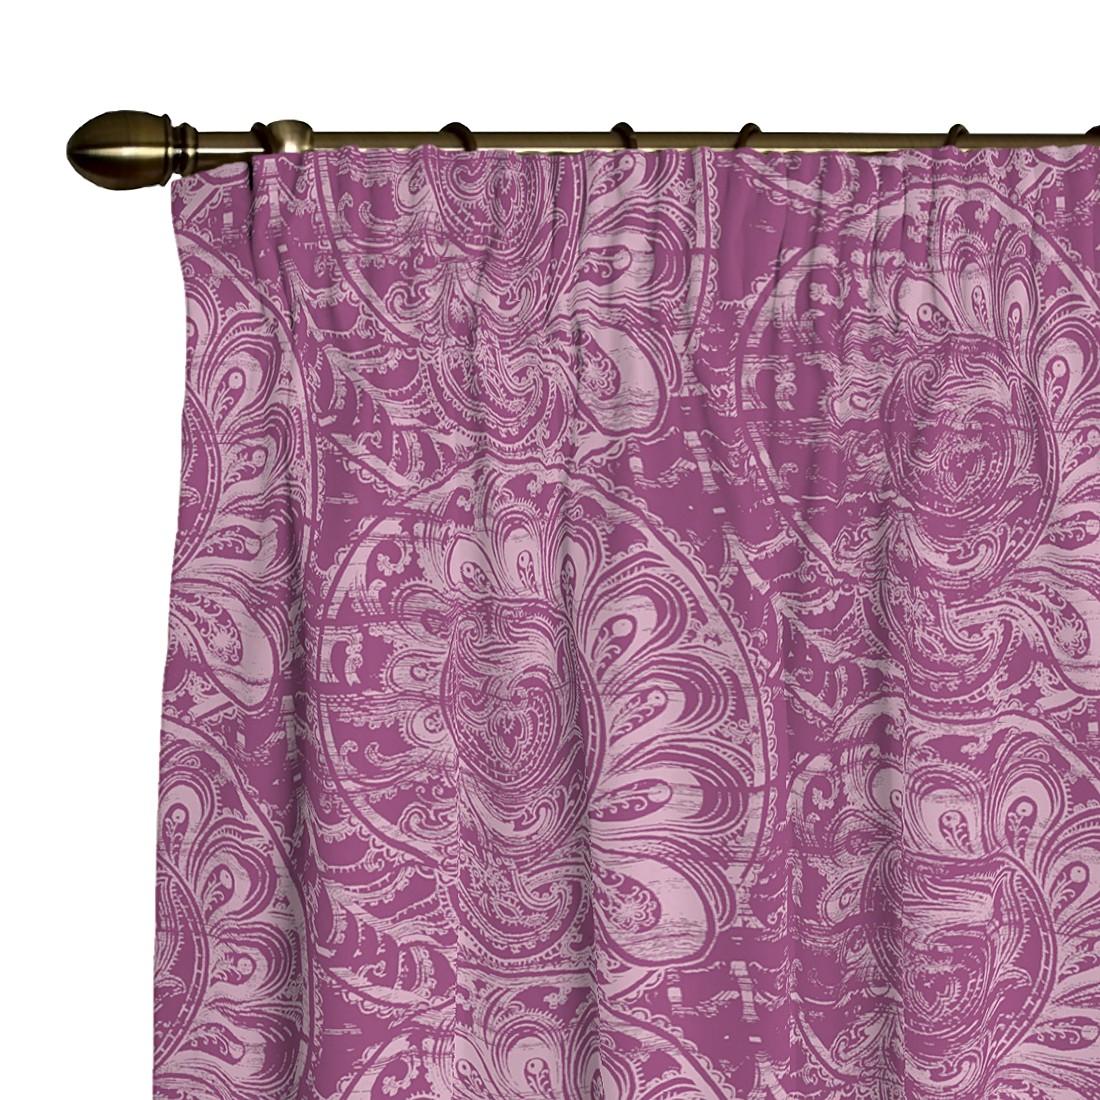 Vorhang mit Kräuselband – Dunkelrosa gemustert – 130×260 cm, Dekoria kaufen